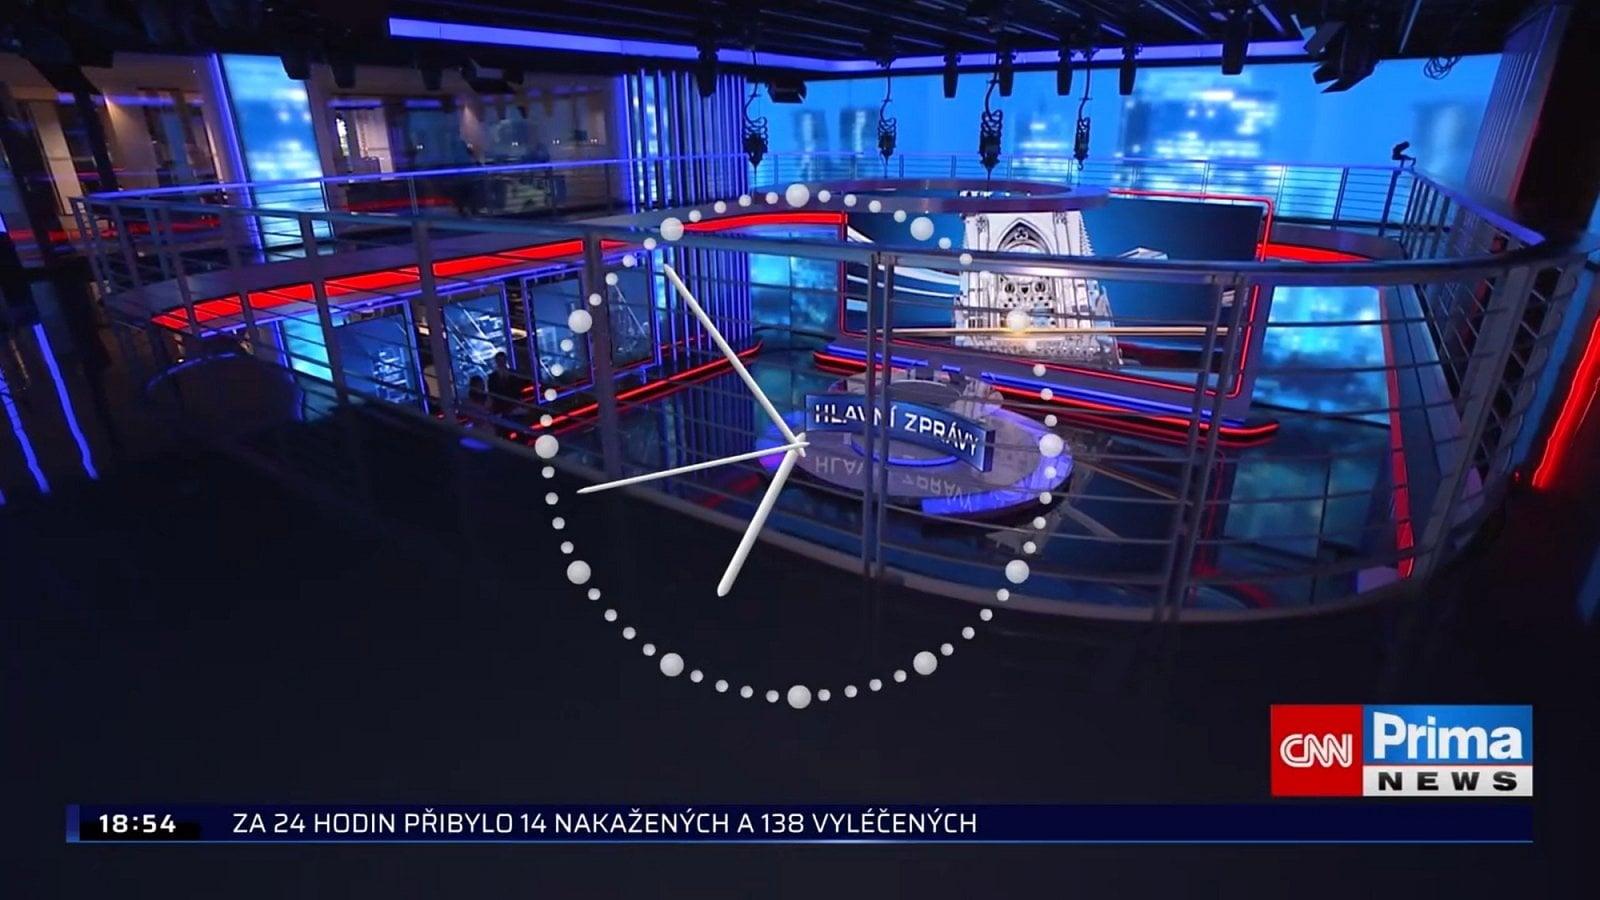 První den vysílání CNN Prima News